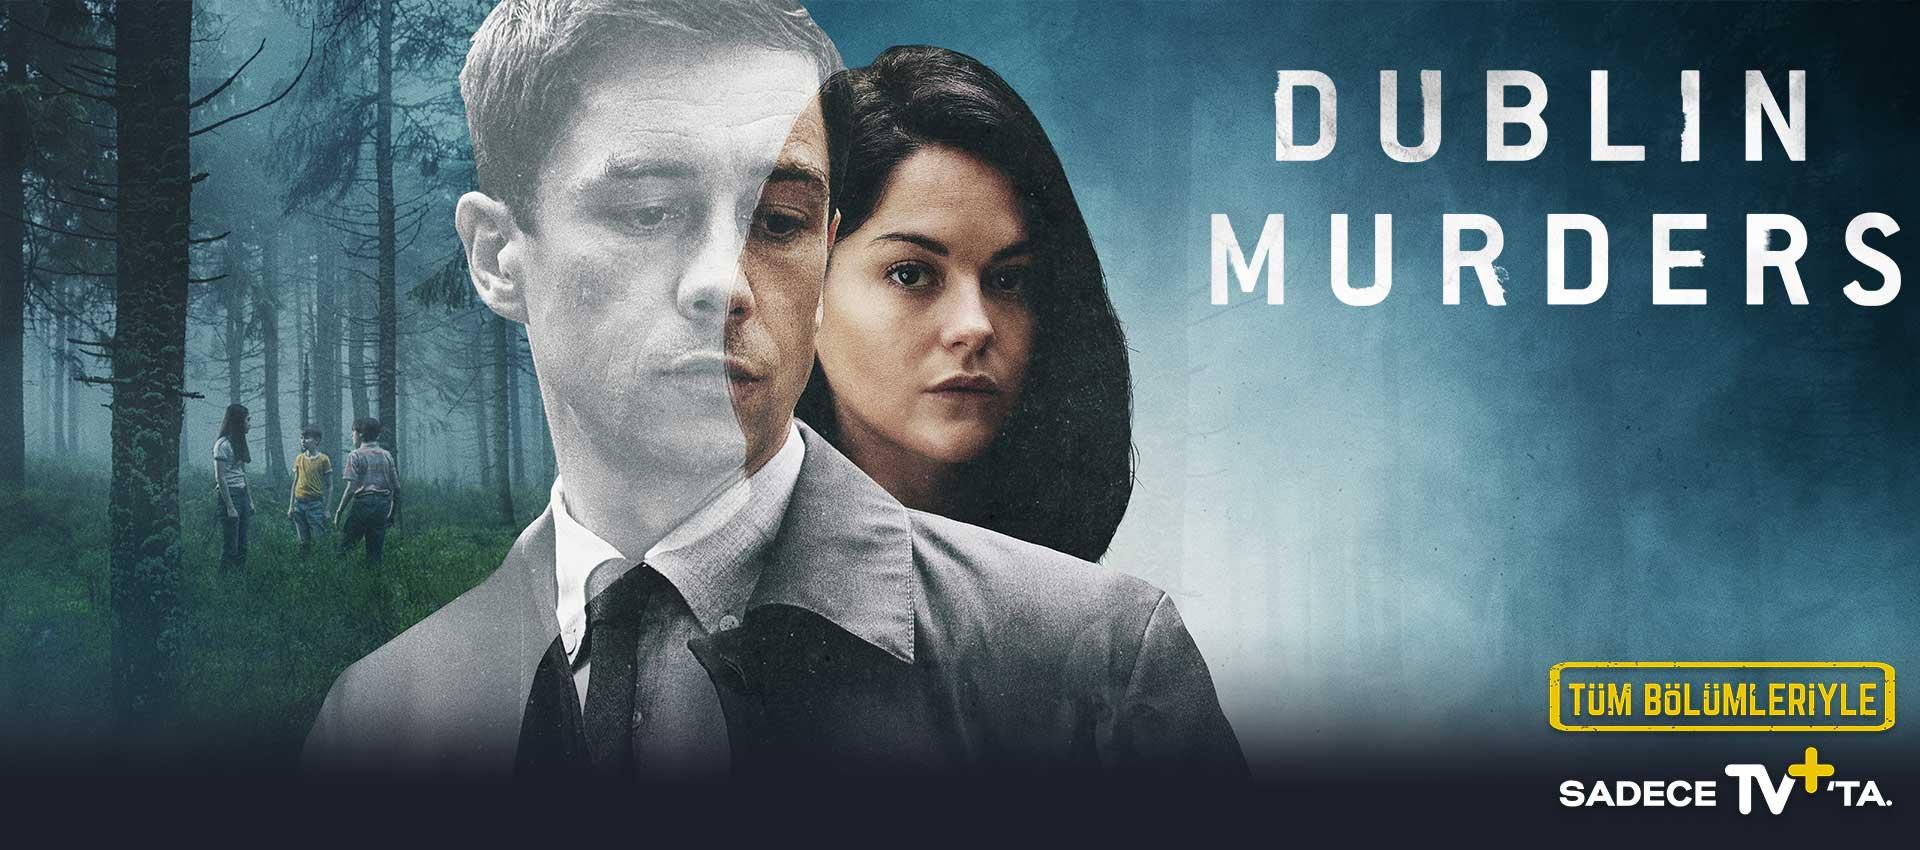 Dublin Murders Dizi İzle türkçe izle hd izle